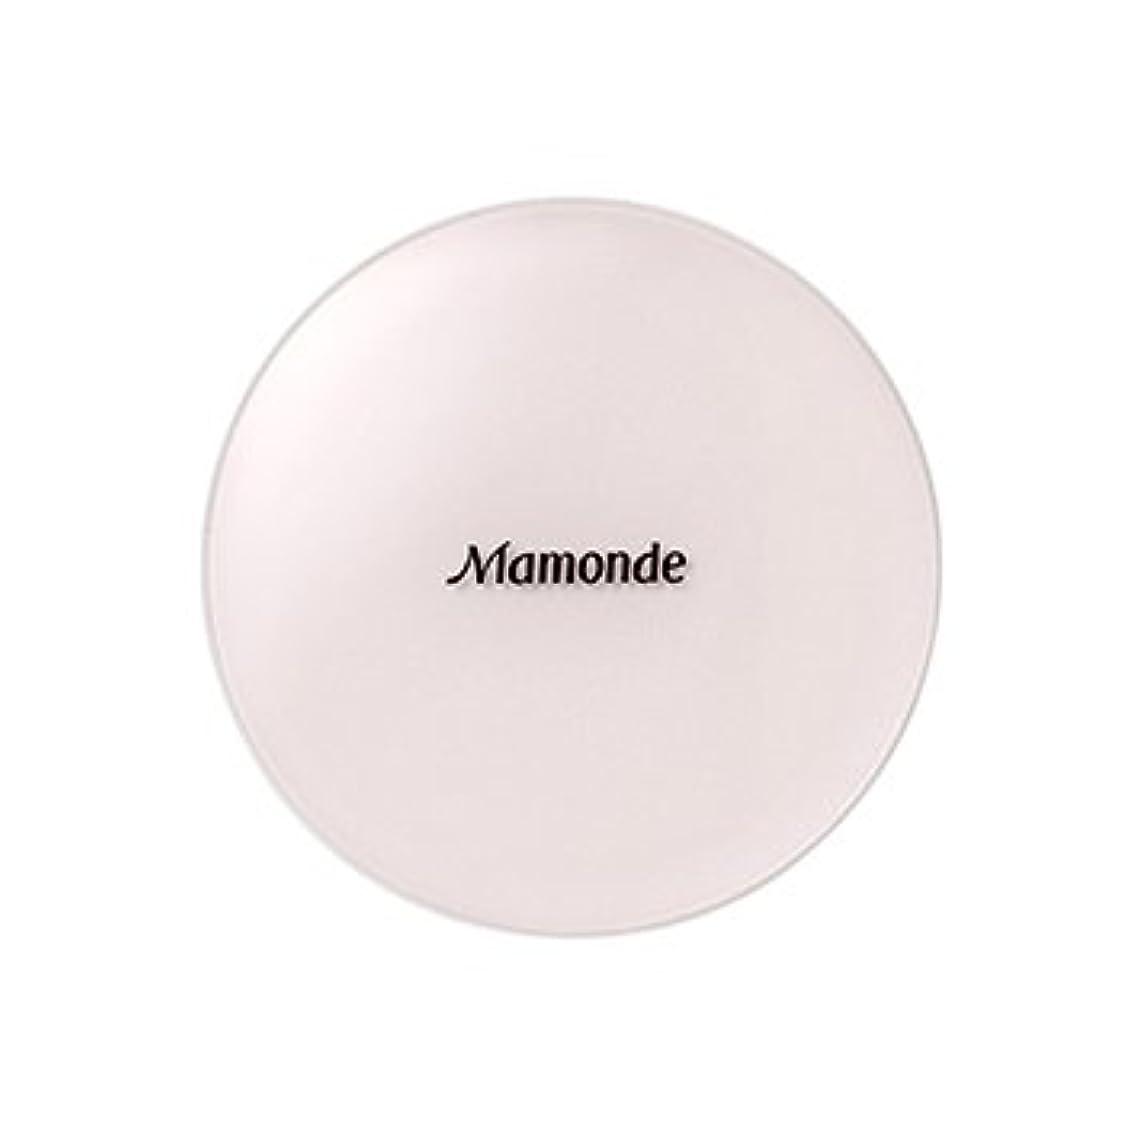 社員泣き叫ぶ摂氏度[New] Mamonde Brightening Cover Ampoule Cushion 15g/マモンド ブライトニング カバー アンプル クッション 15g (#21C Medium Peach) [並行輸入品]